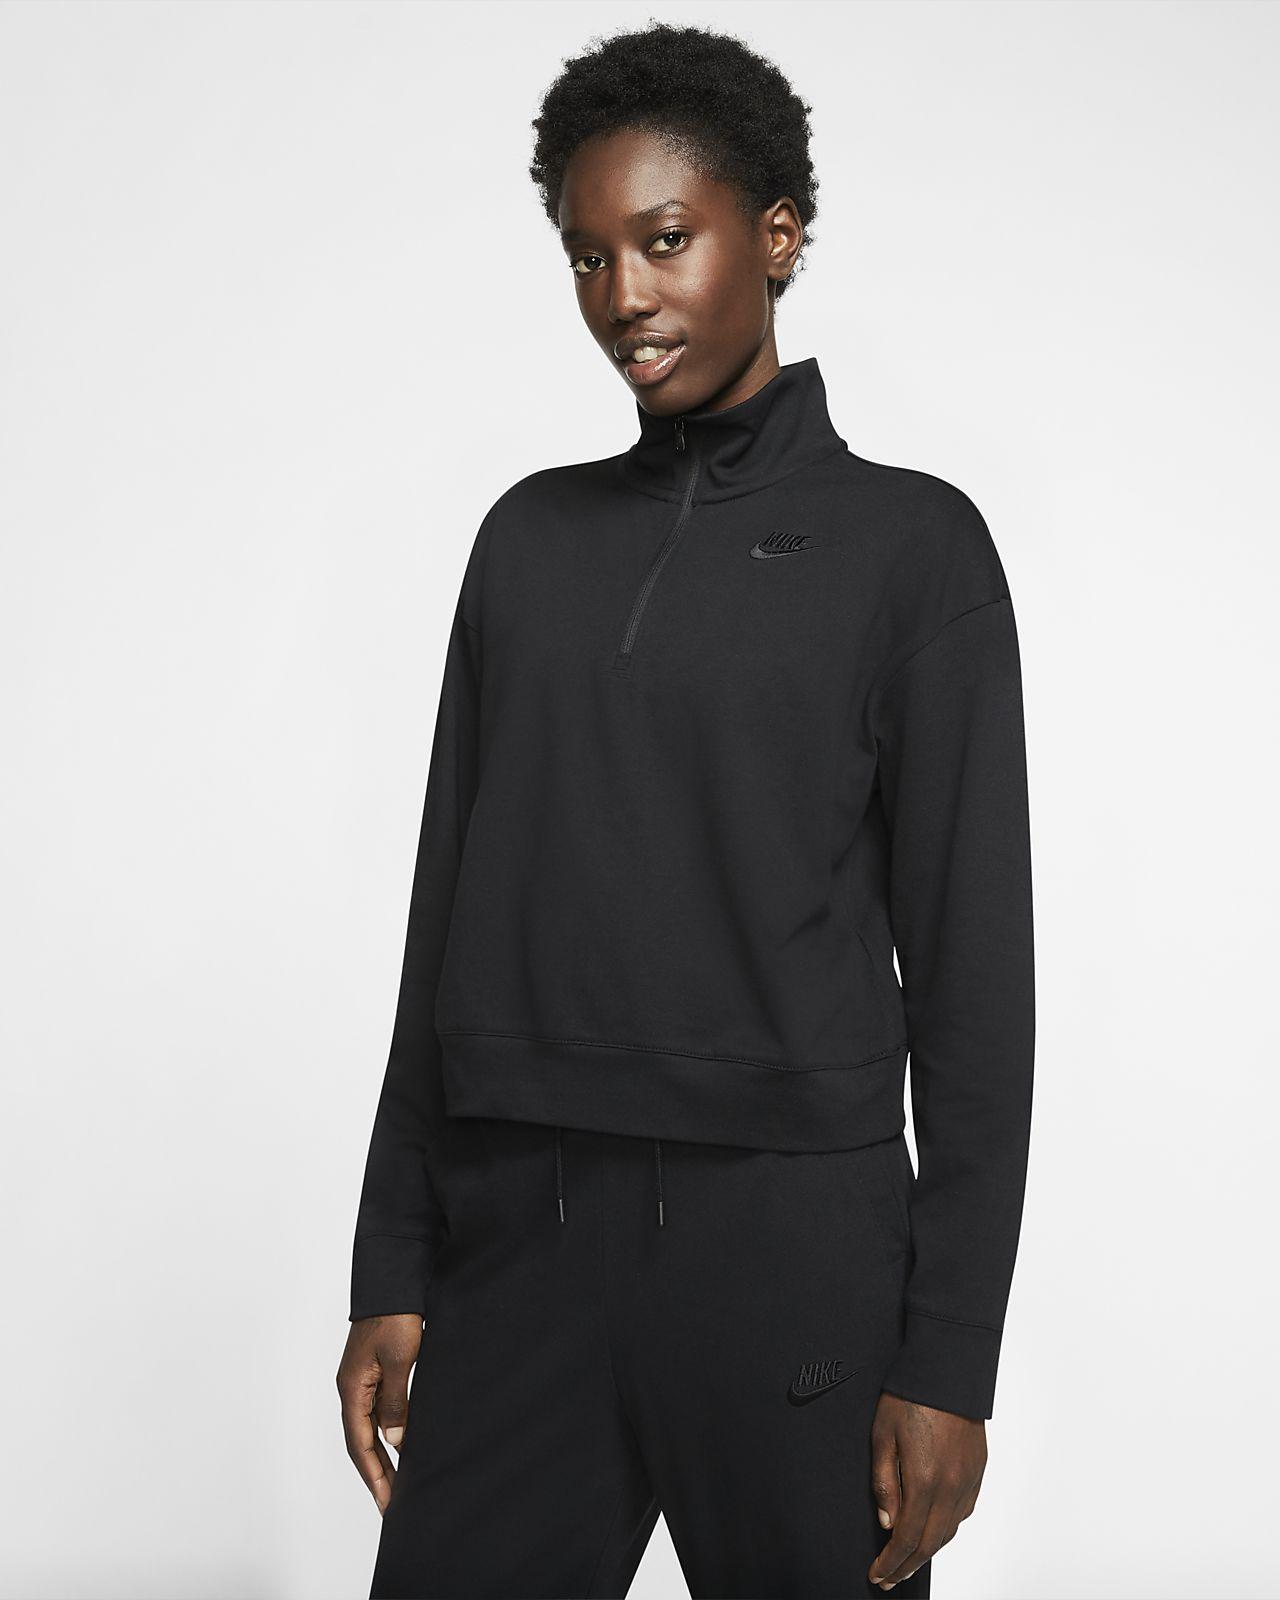 Nike Sportswear Women's 1/2-Zip Long-Sleeve Top